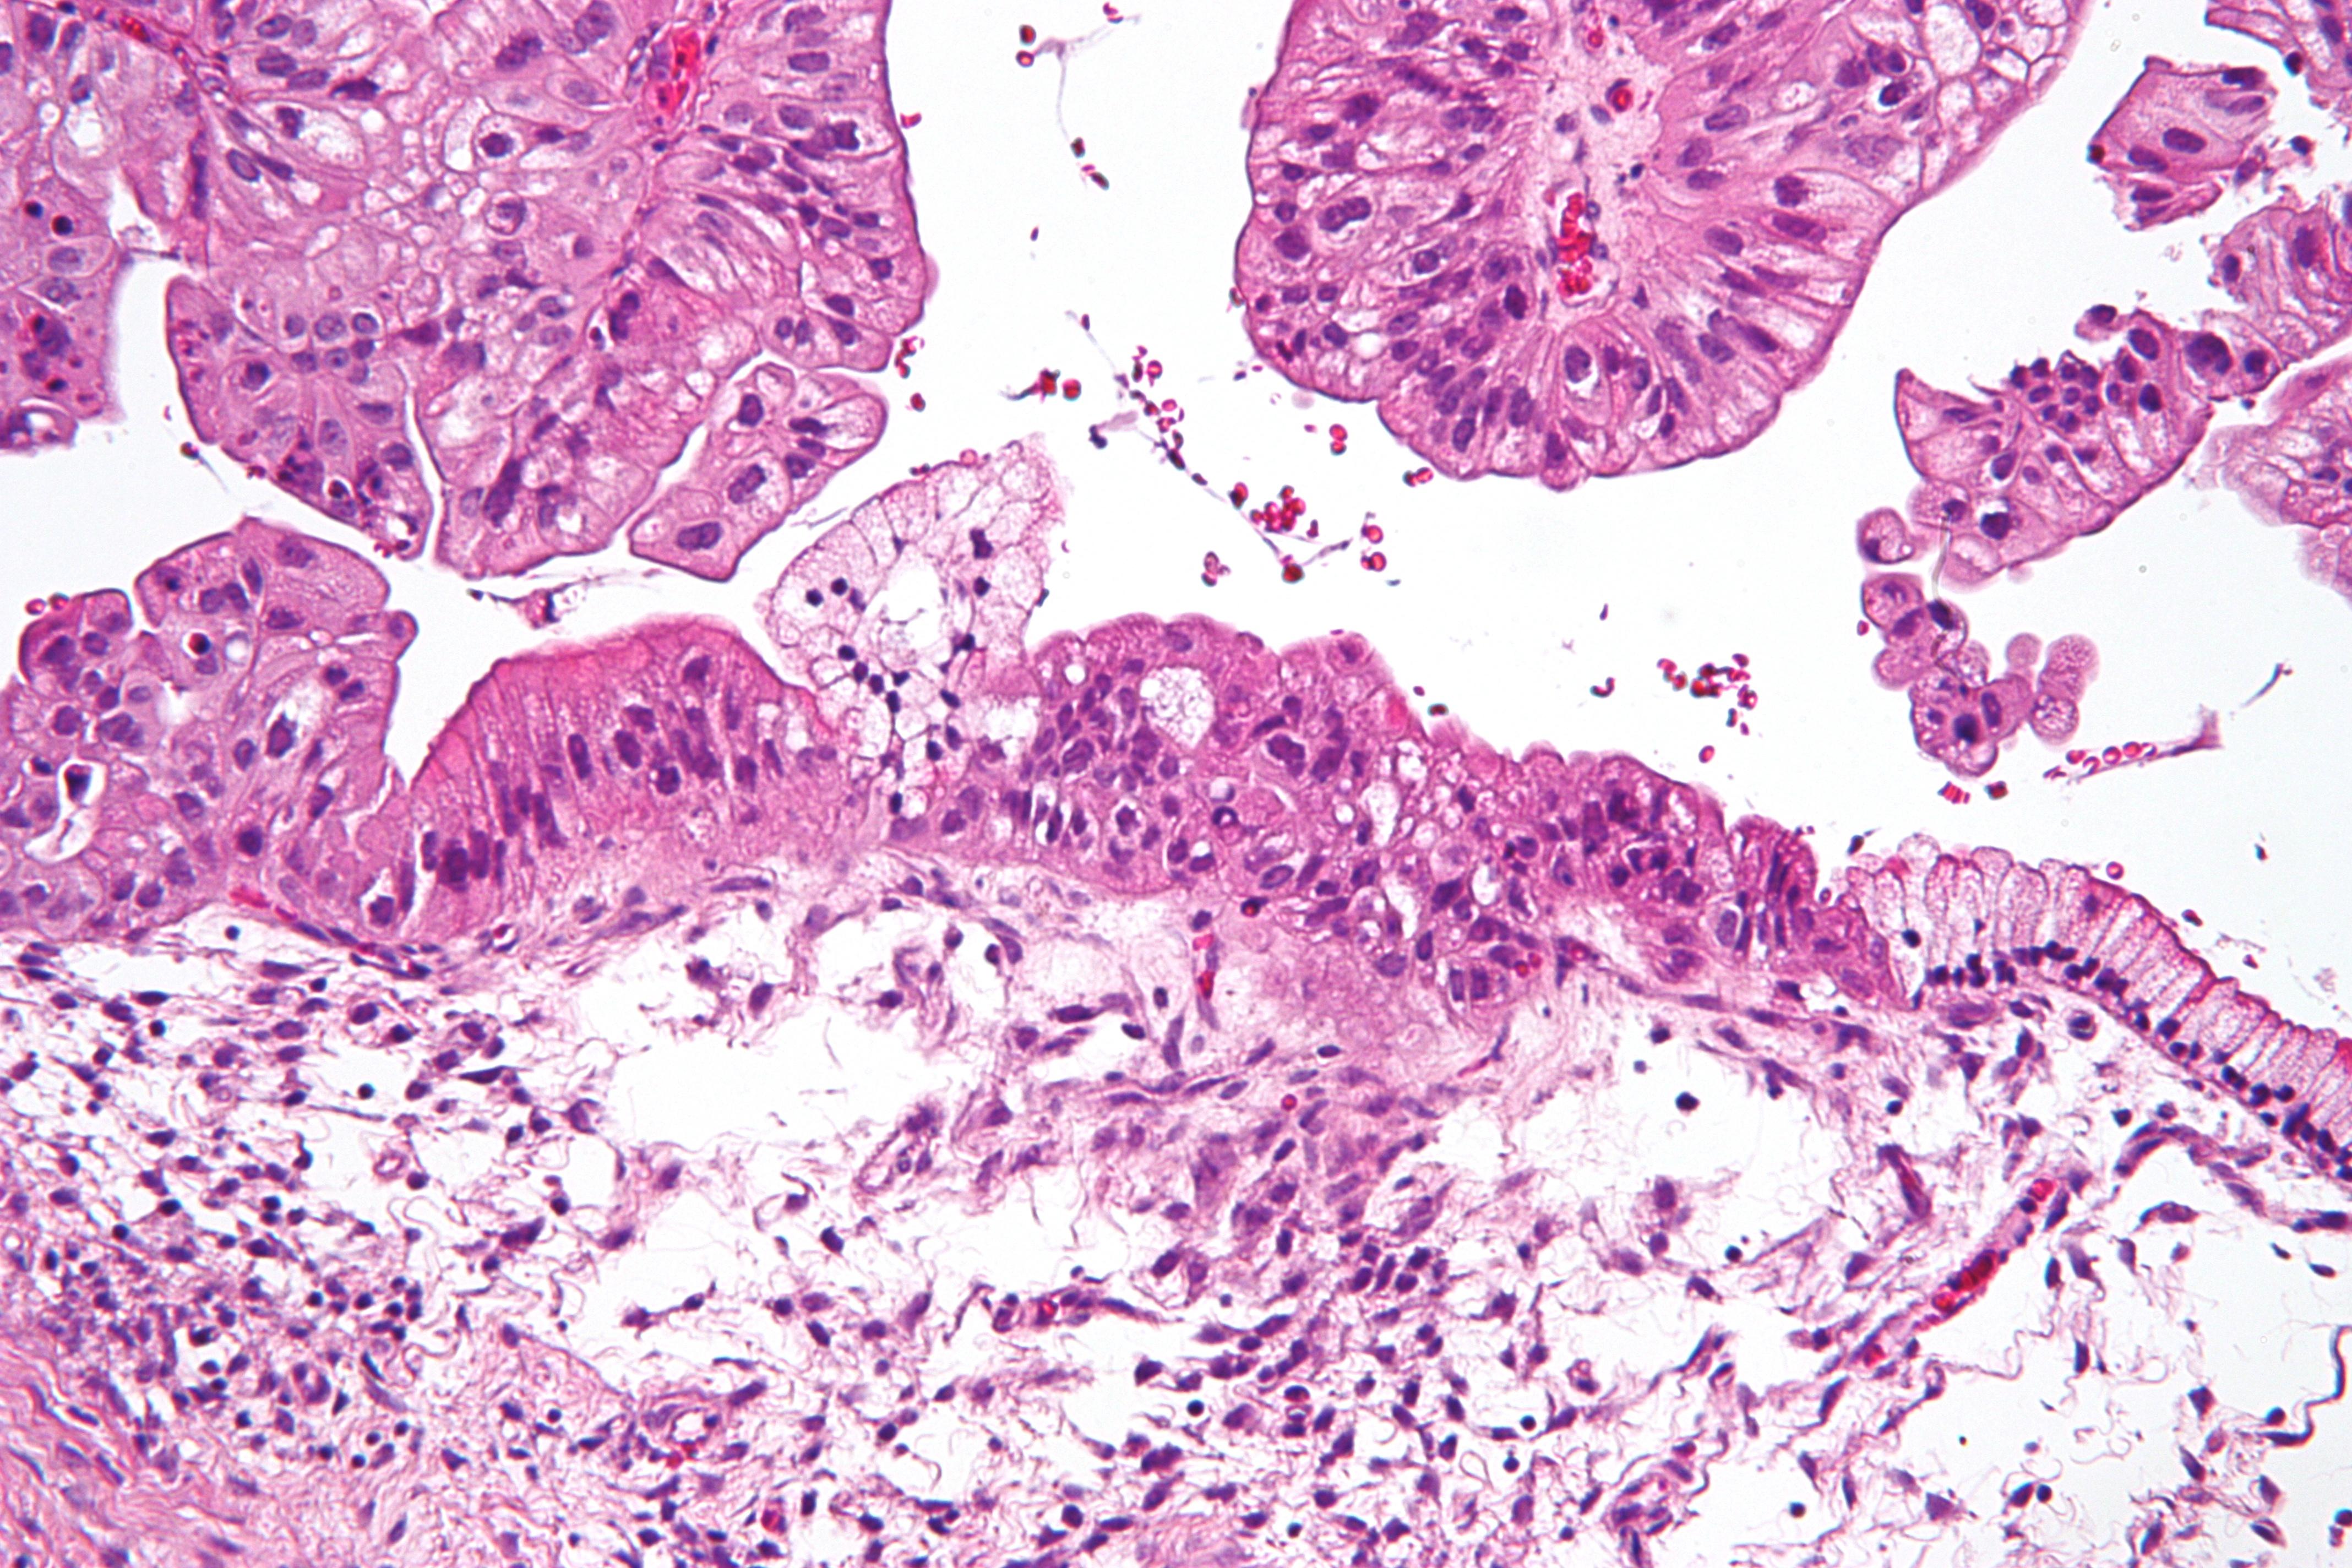 Tumorile mamare maligne